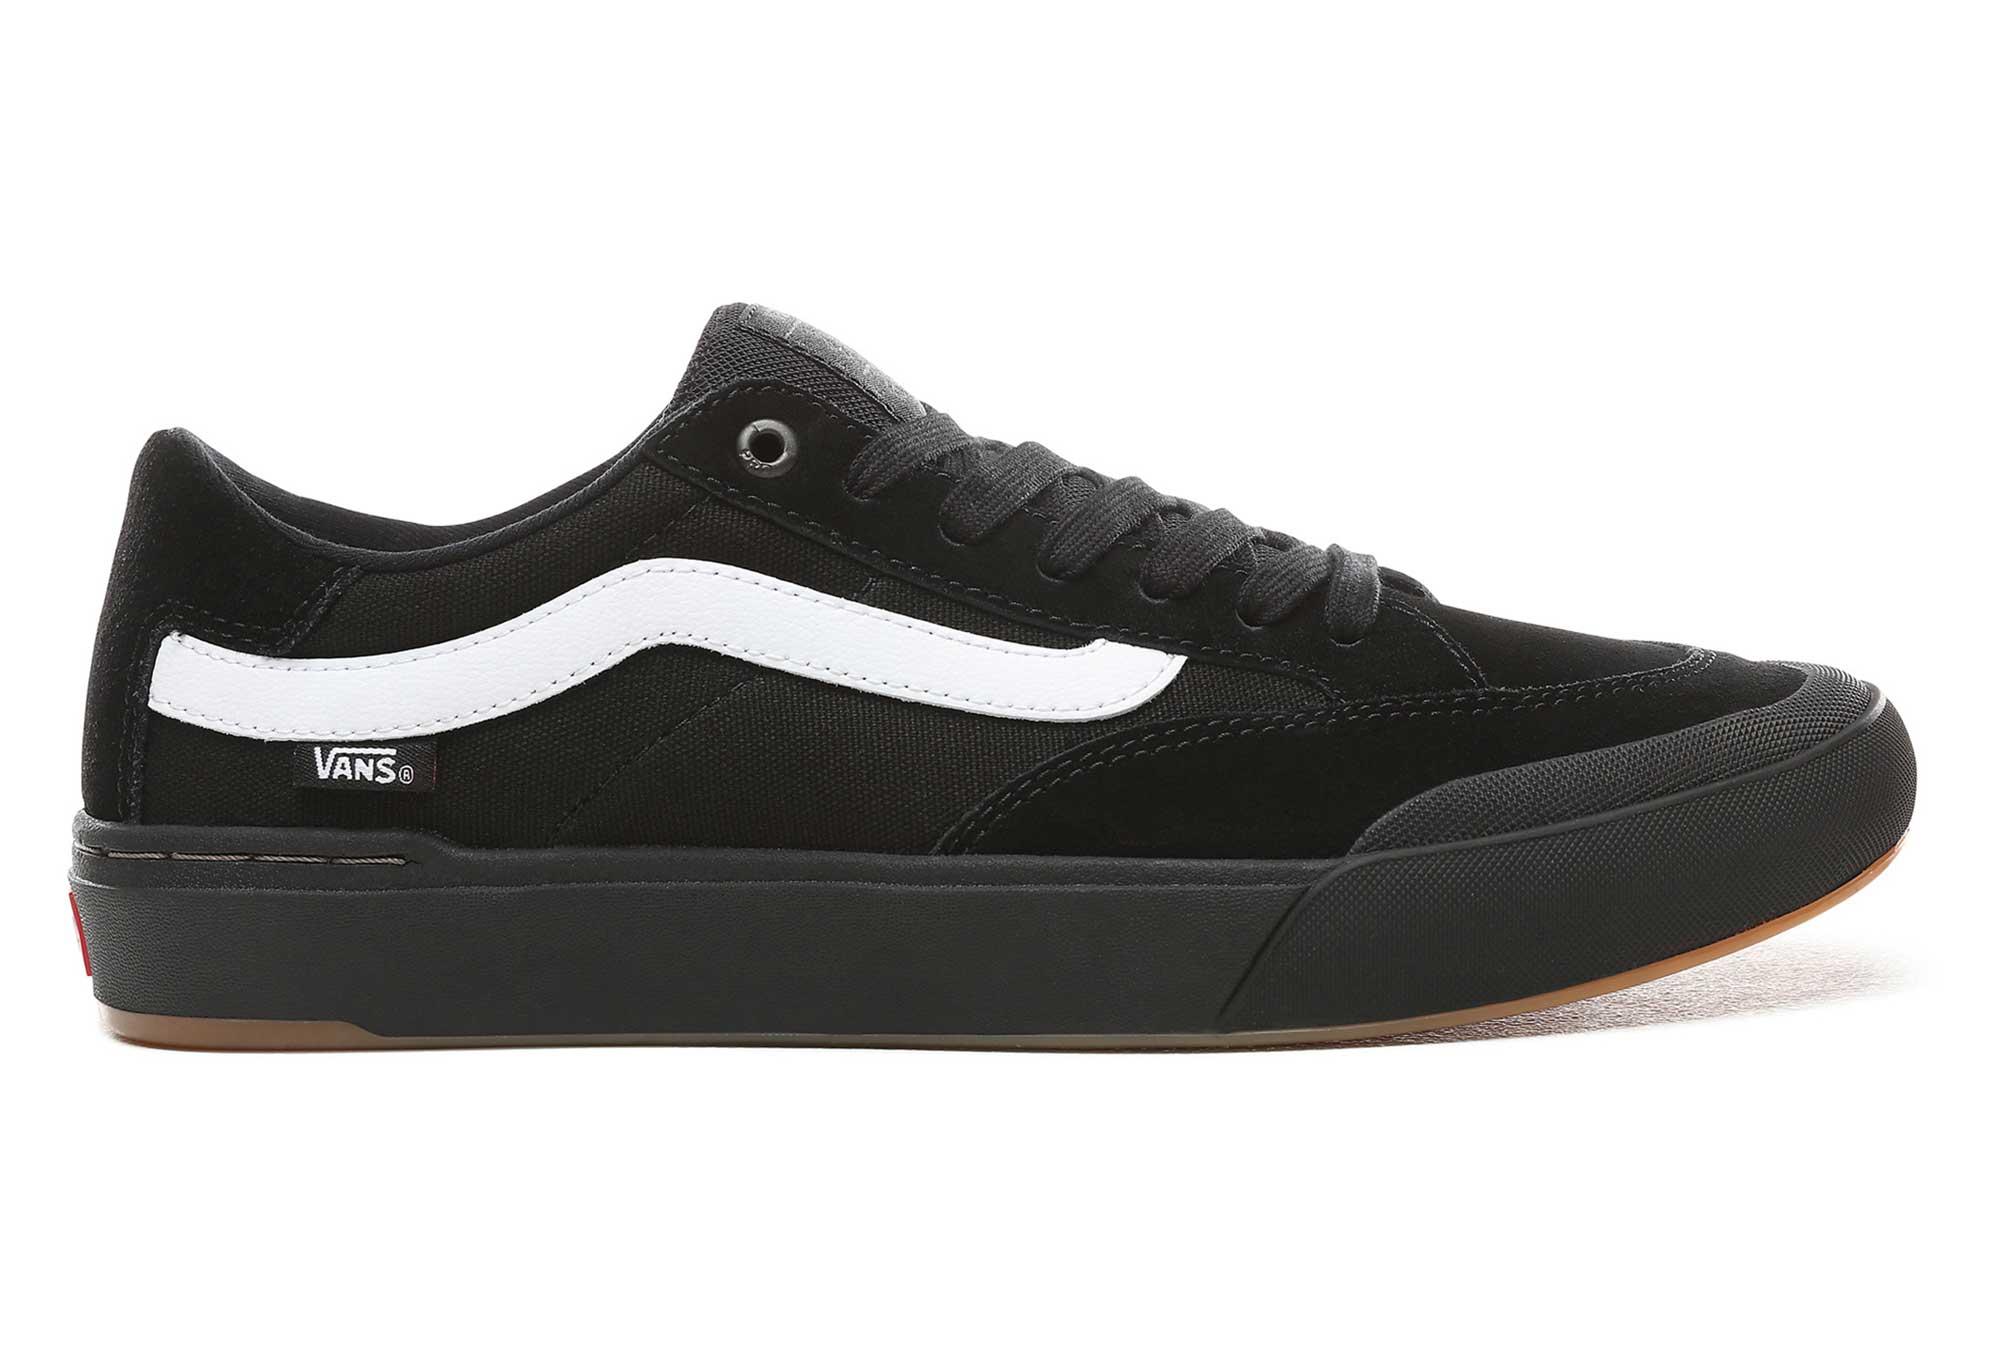 chaussure vans blanche